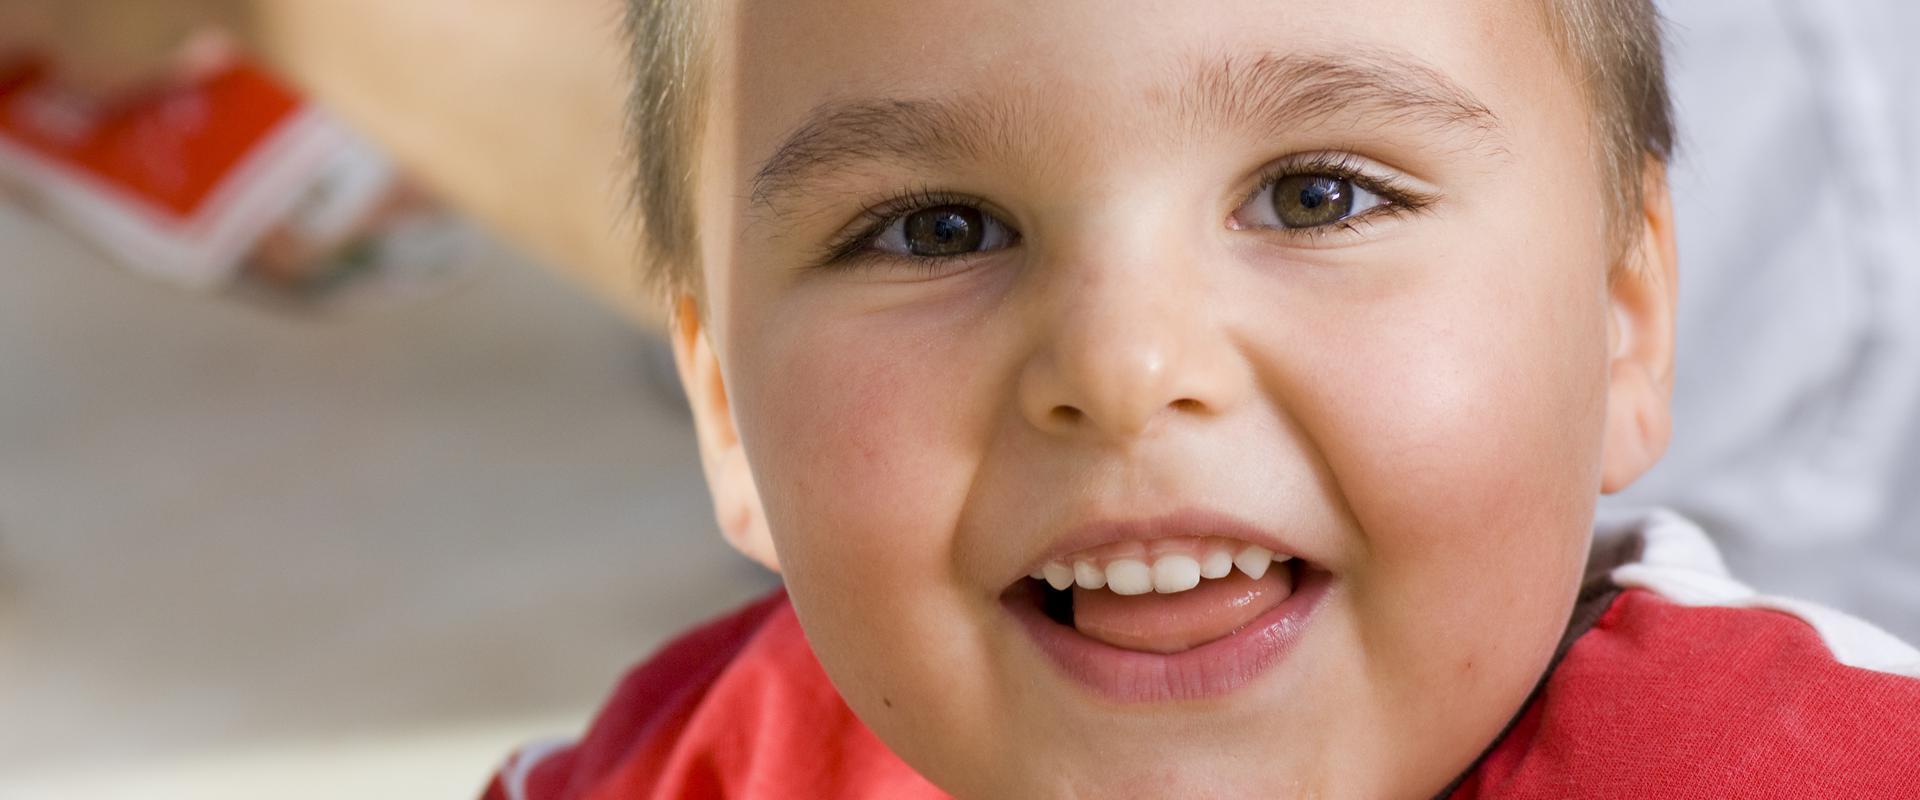 Nahaufnahme eines jungen Patienten in der MEDIAN Kinder- und Jugendklinik Beelitz